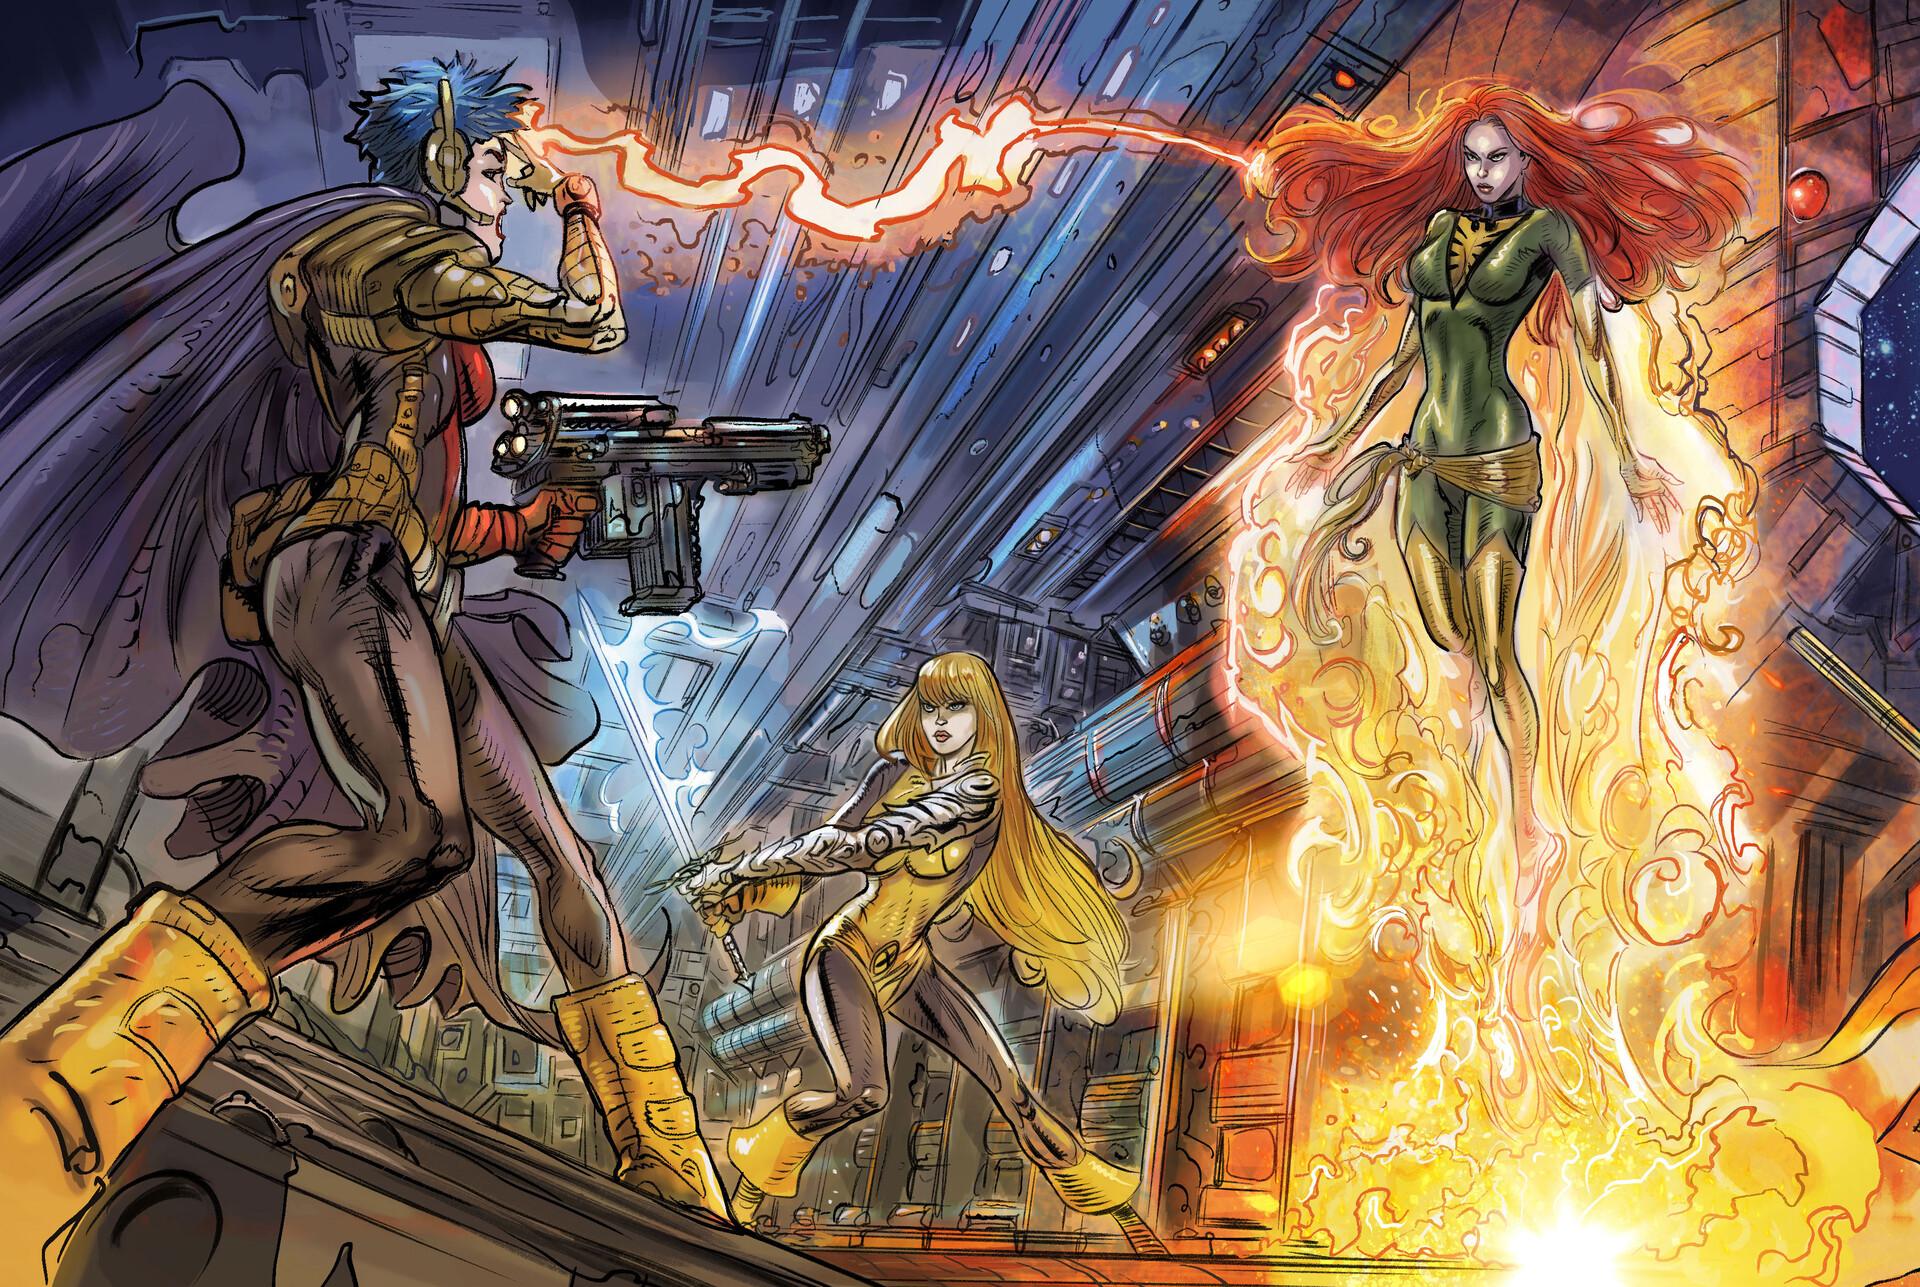 X-Men - Mutant Insurrection: Magneto Showdown (4 panels)